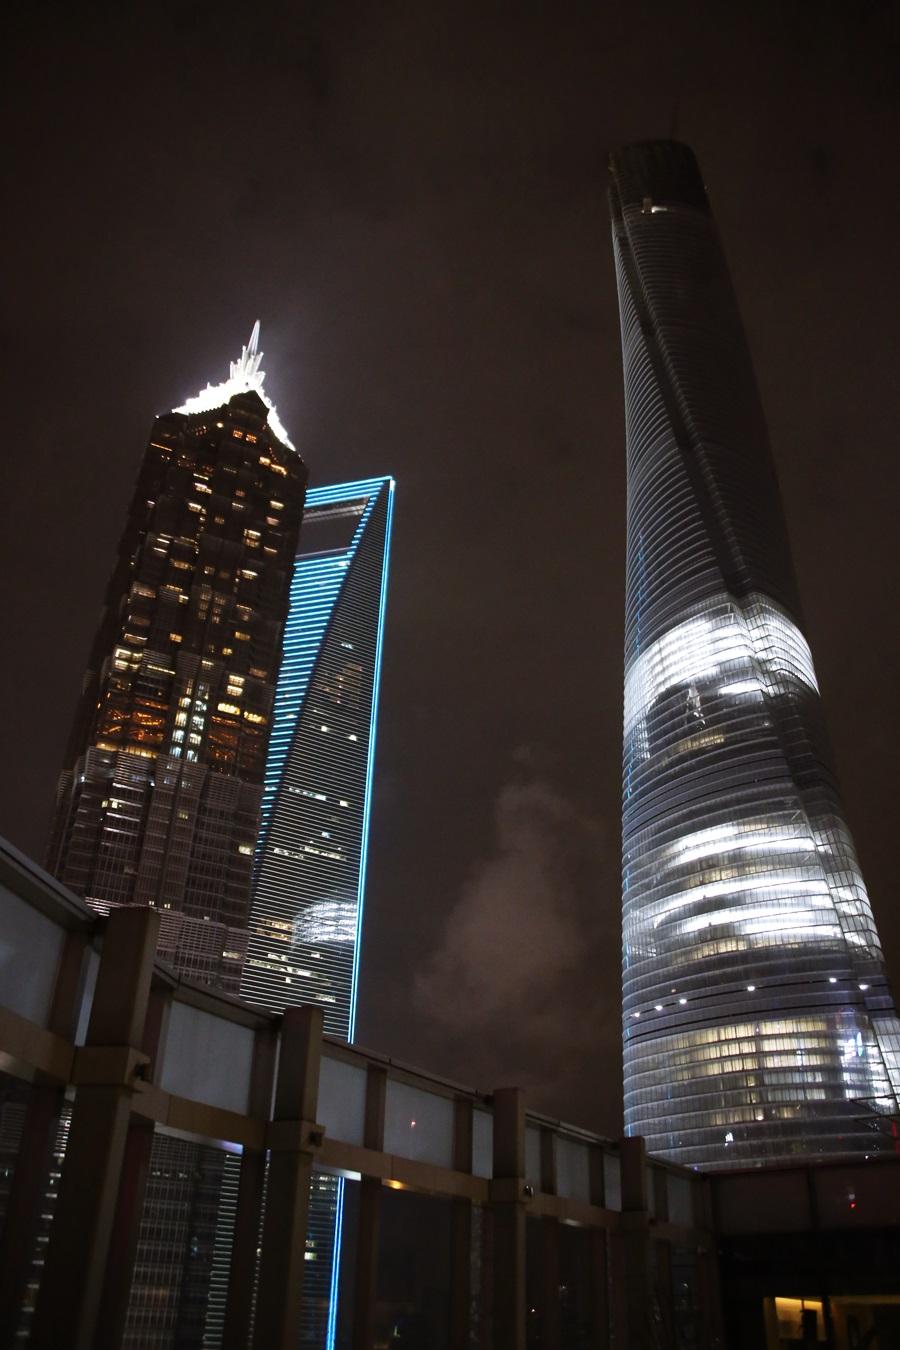 ジンマオタワー Jin Mao Tower 金茂大厦 上海ヒルズ 上海環球金融中心 上海タワー(上海中心)Shanghai Tower